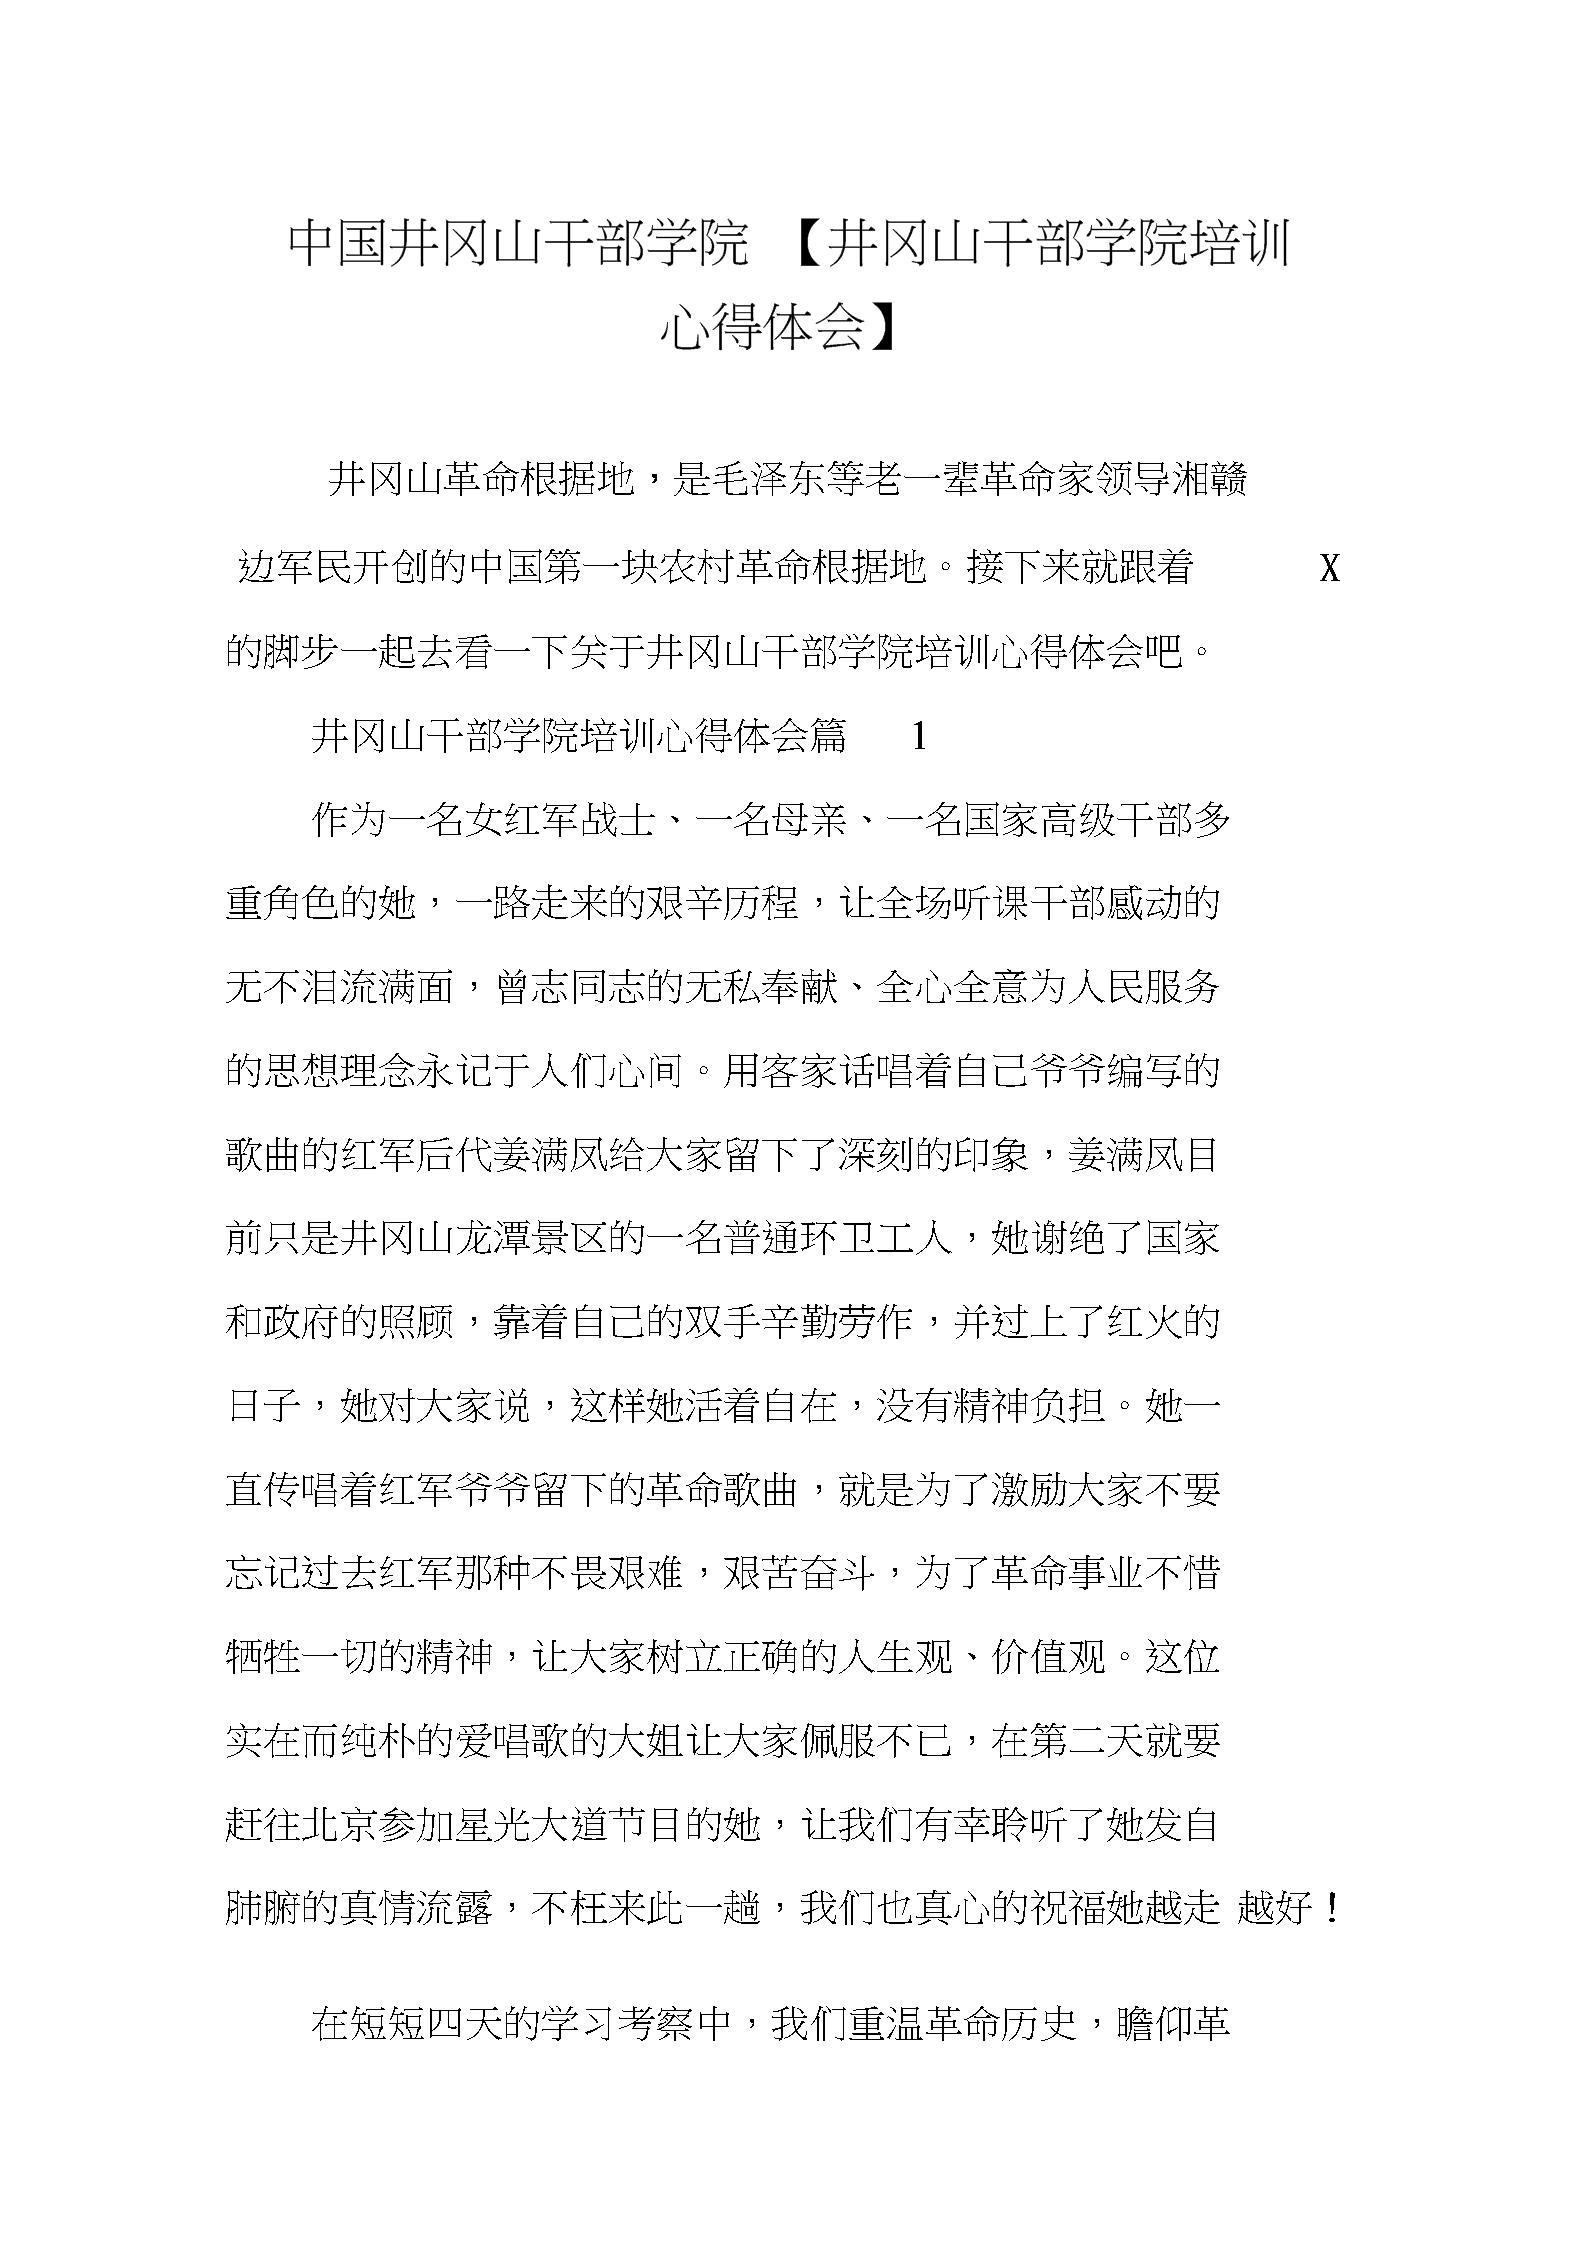 中国井冈山干部学院【井冈山干部学院培训心得体会】.docx